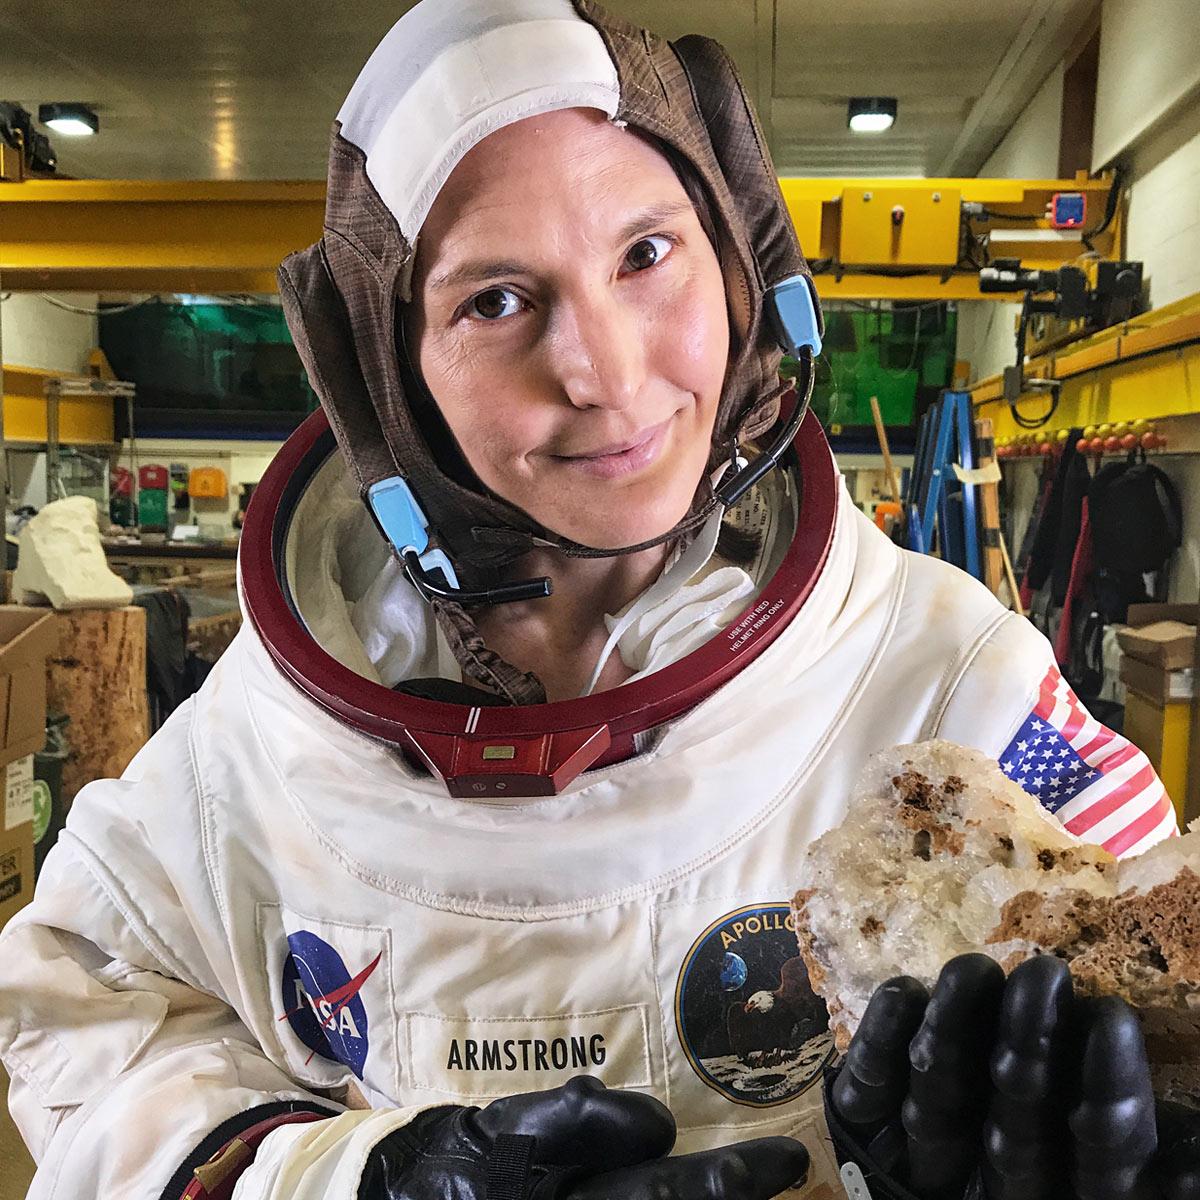 - Model: Dr Helen Czerski [not included)